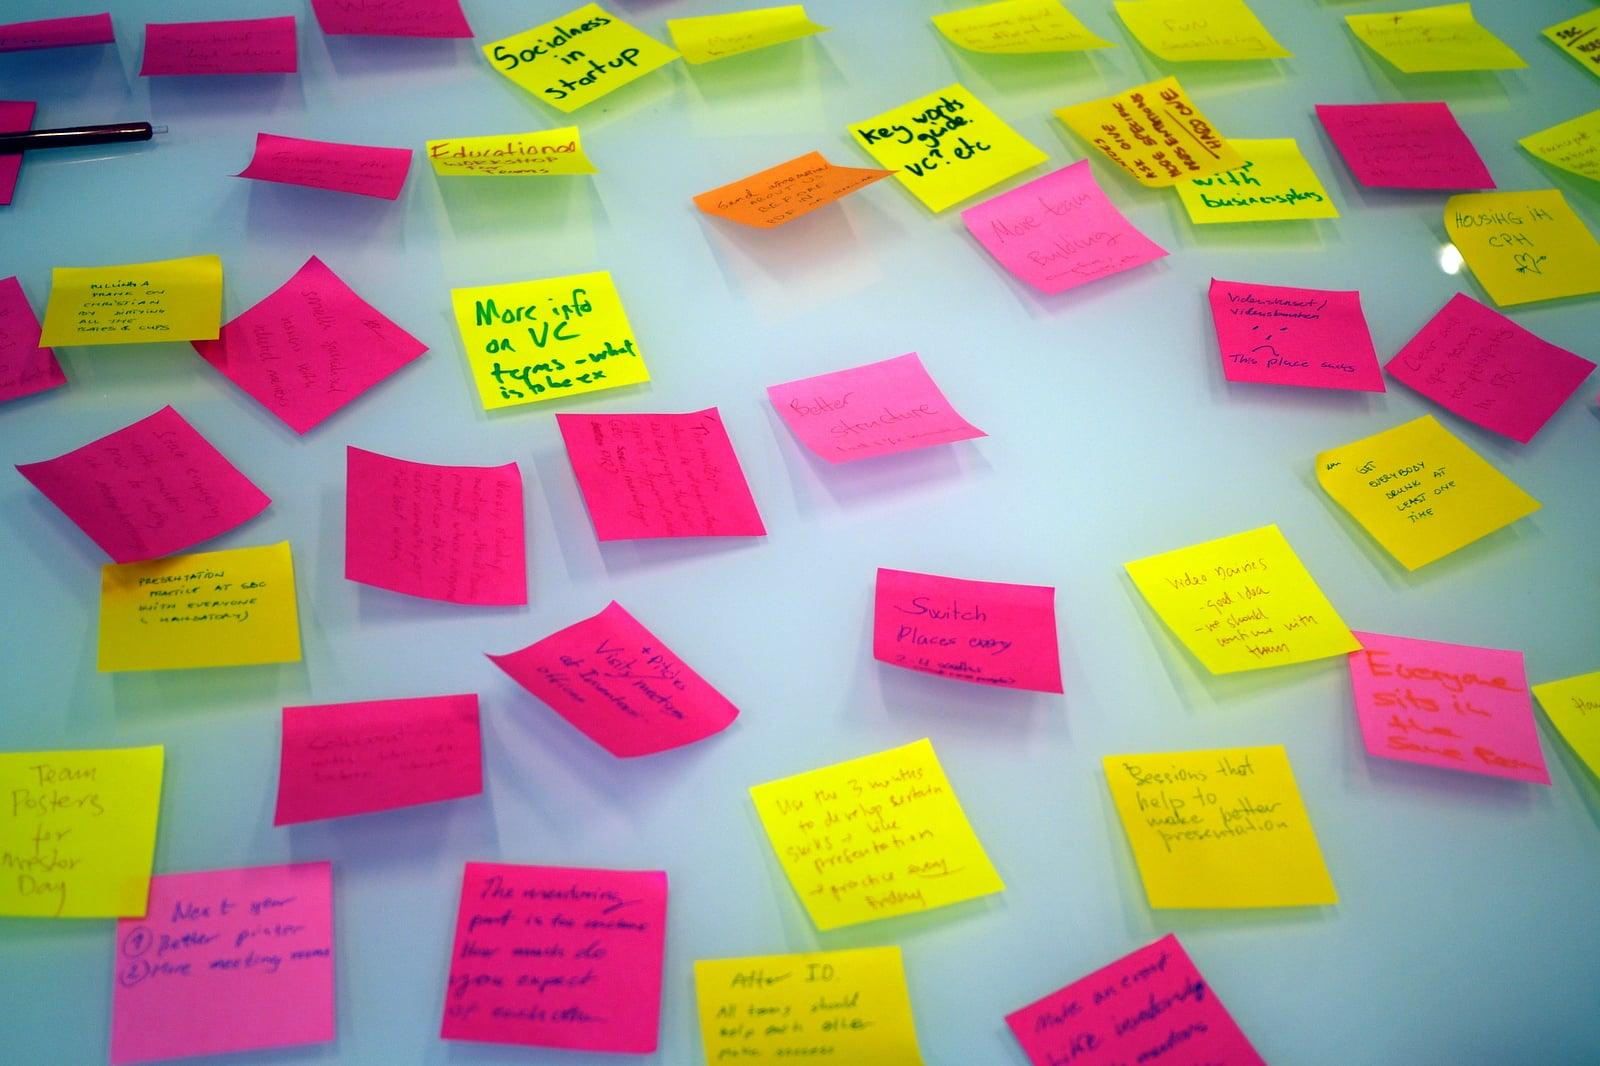 Les 25 Termes À Connaître Avant De Lancer Sa Start-Up